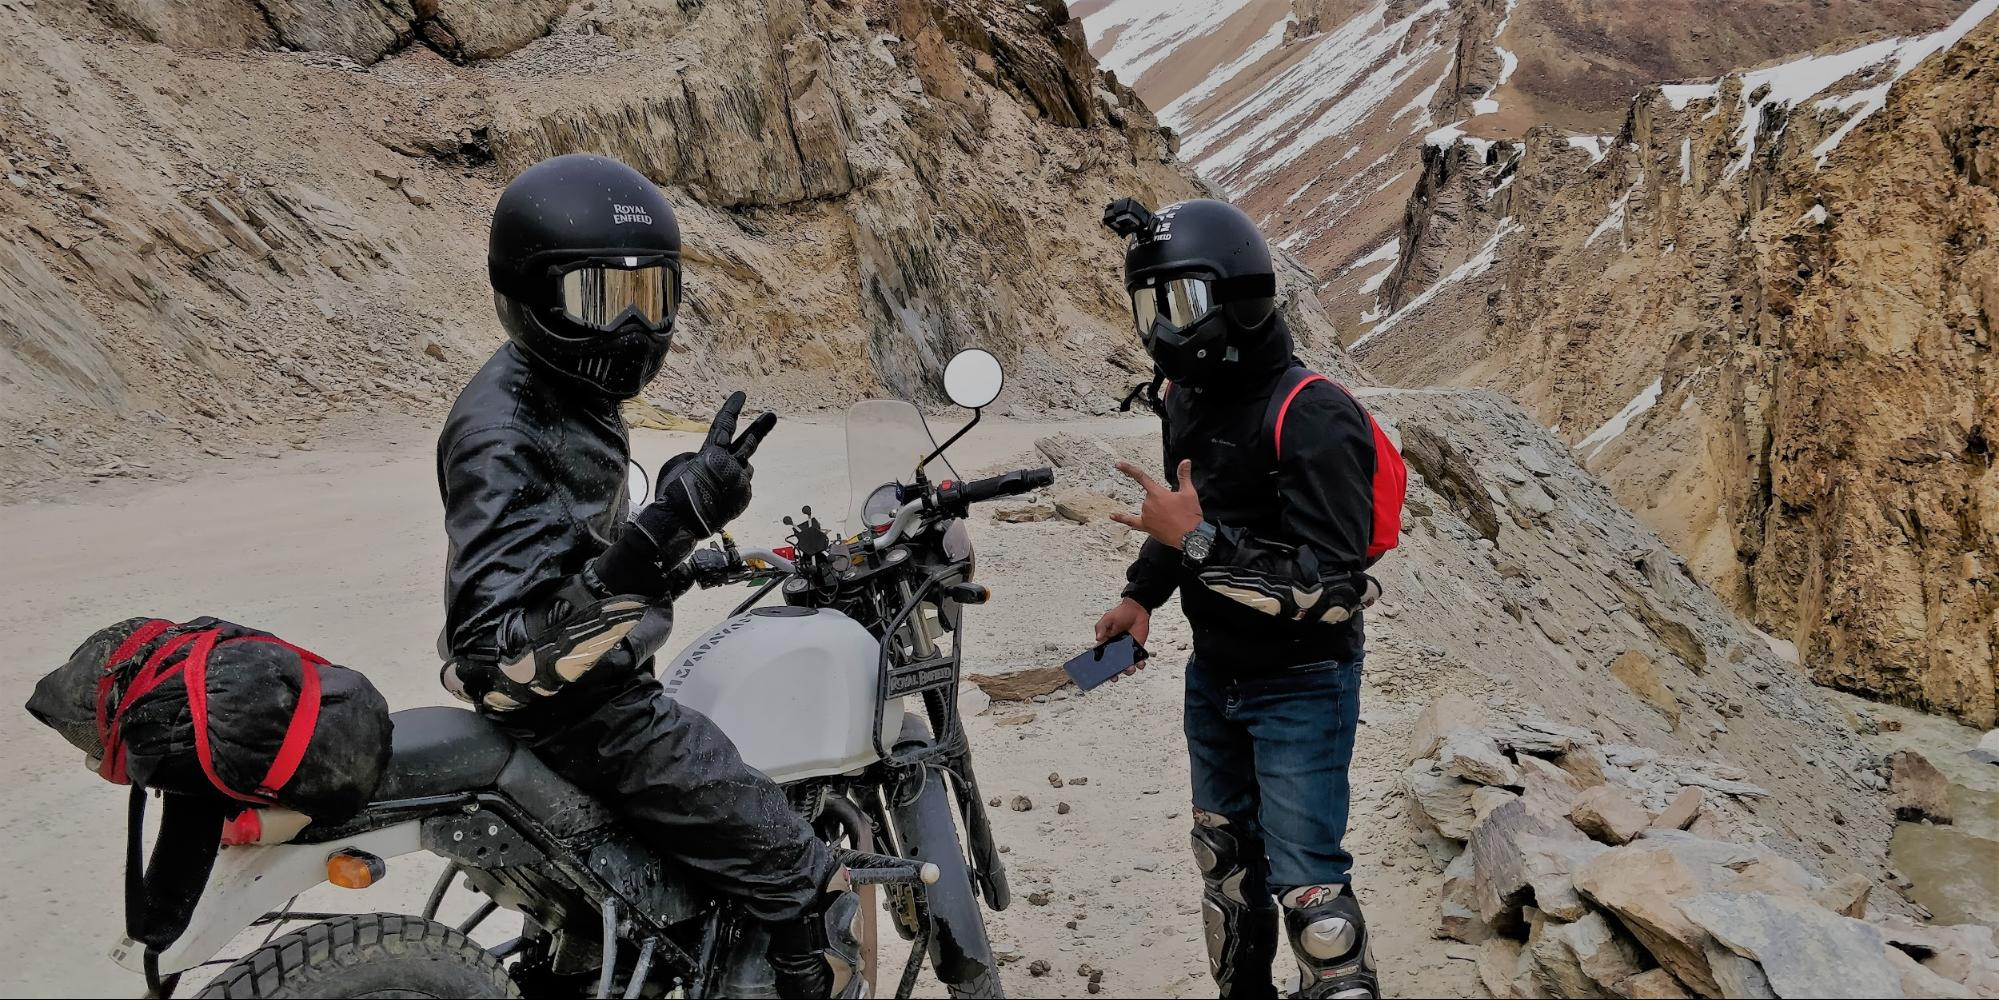 motorcyclists wearing gear